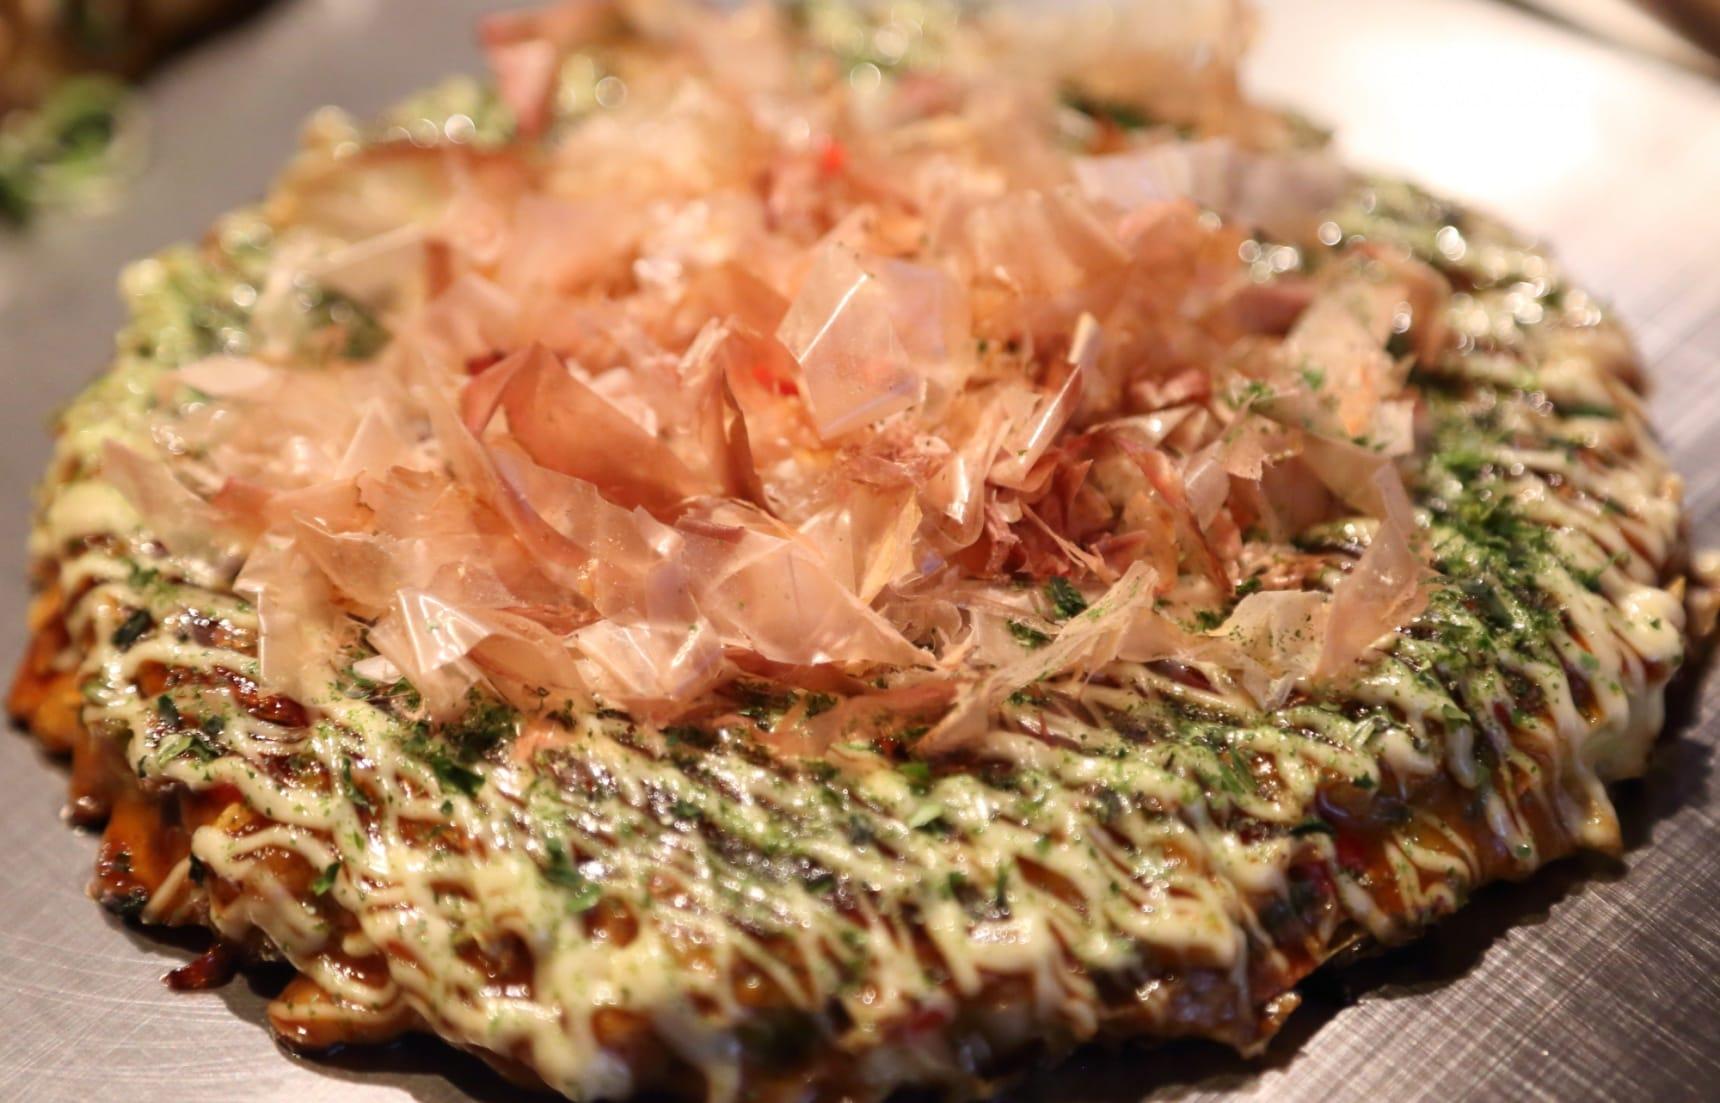 오코노미야키 매니아를 위한 맛집